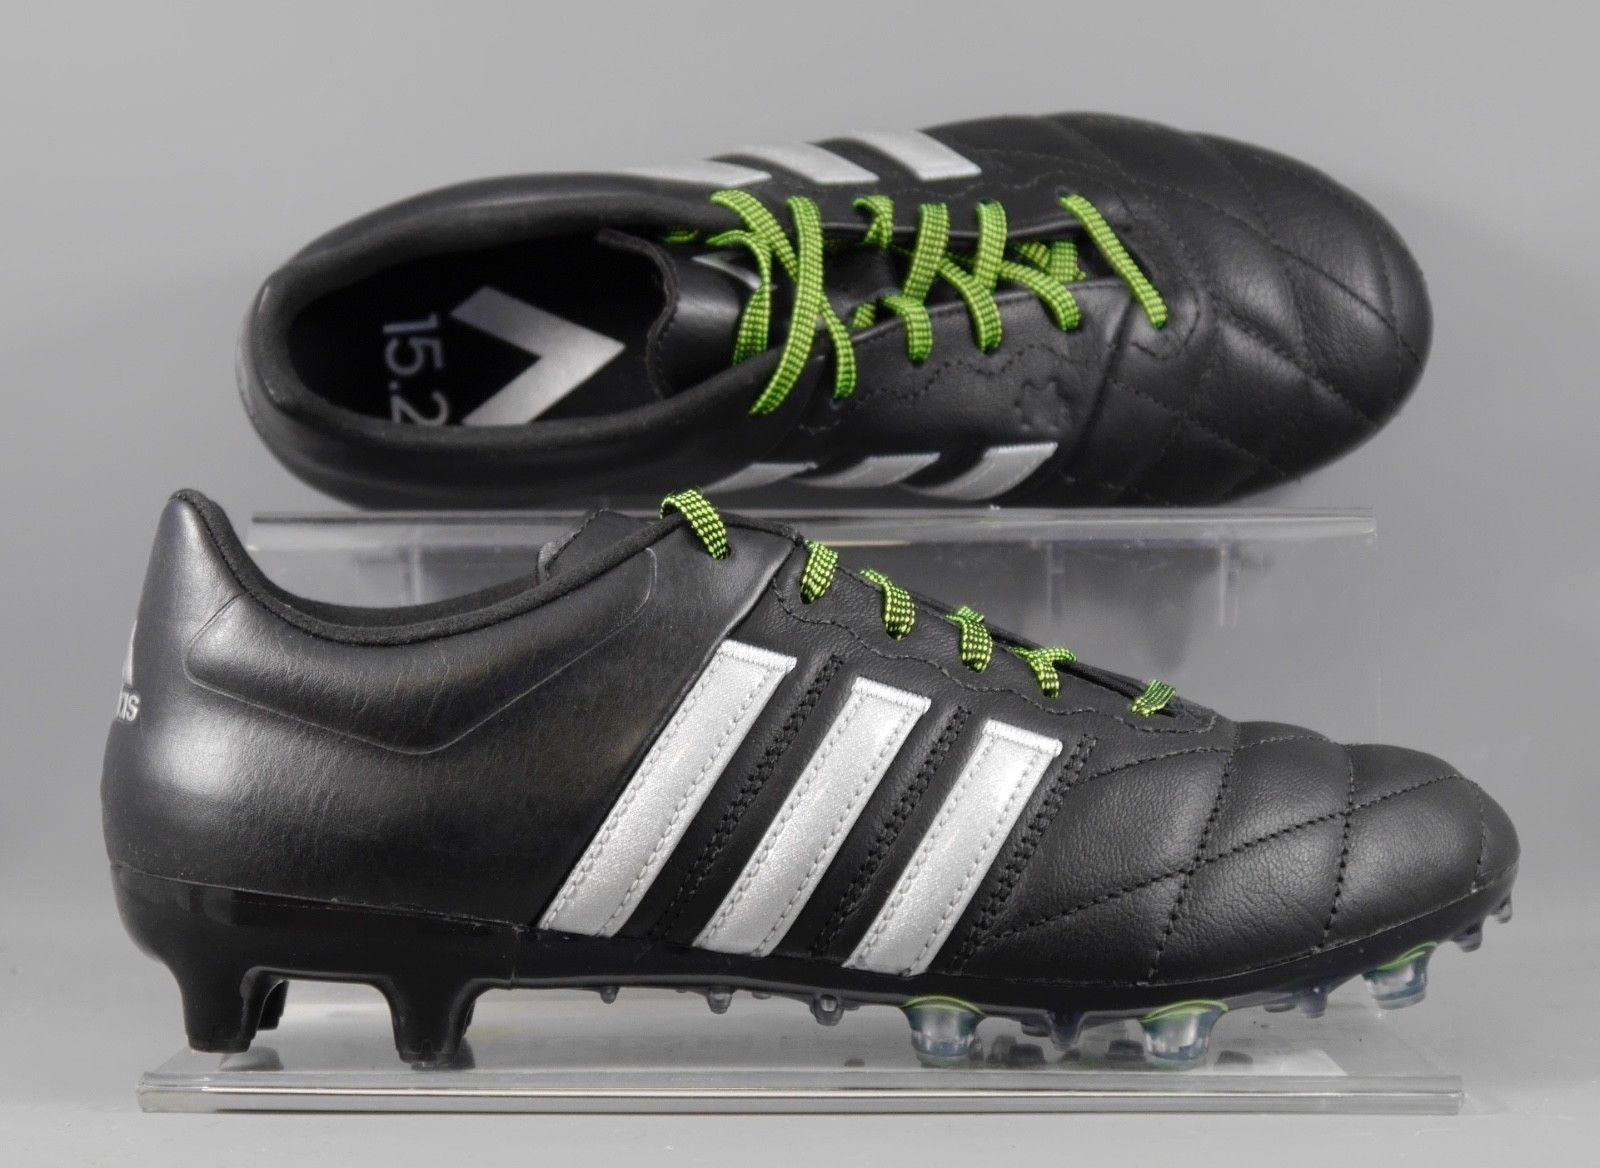 Promesa Obediente Superar  Pin on Soccer gears